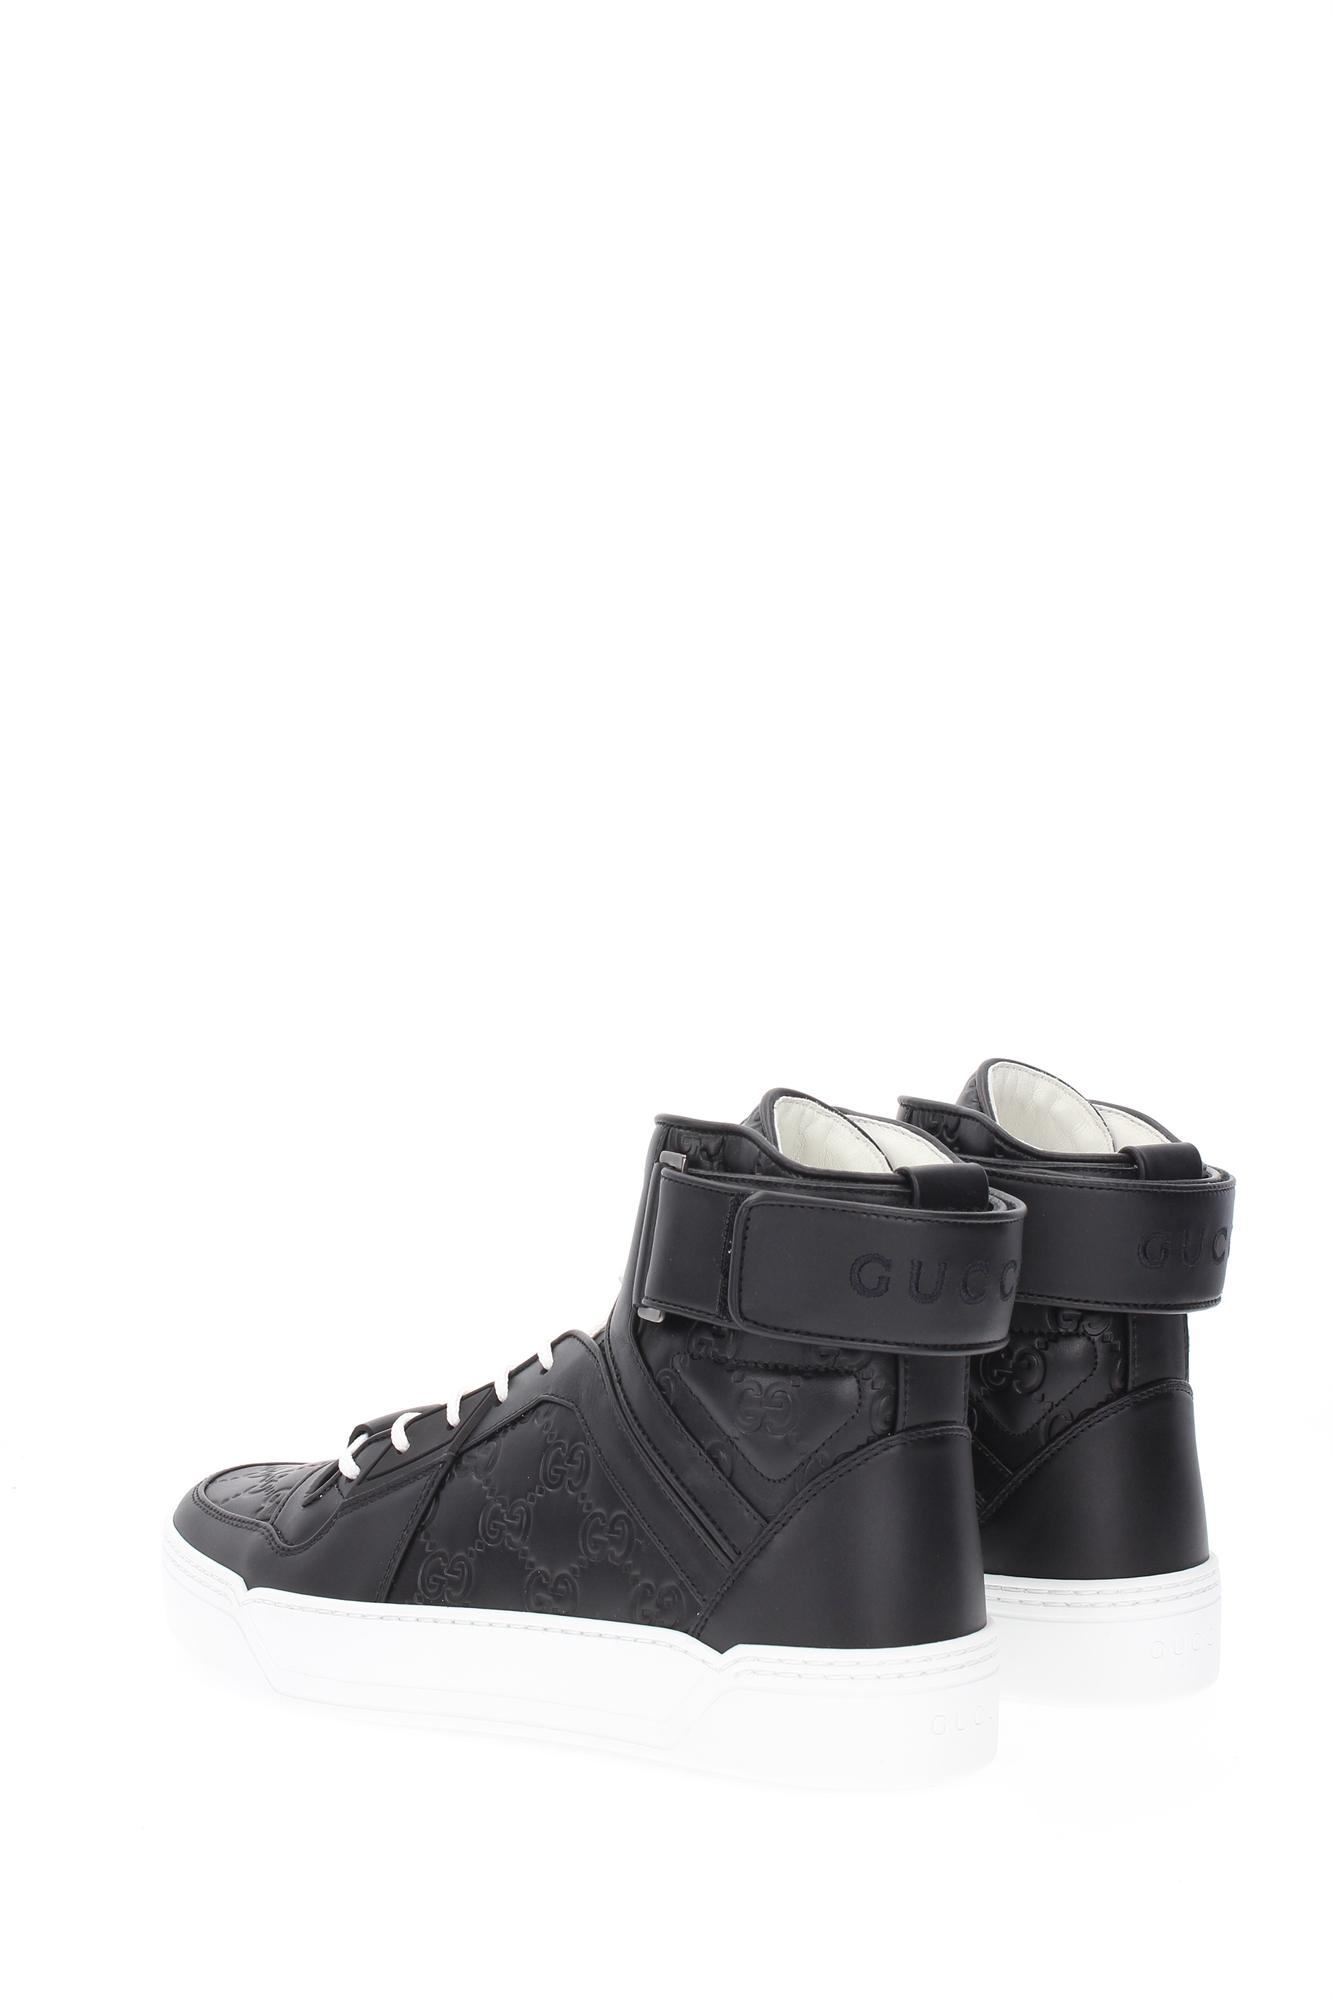 Sneakers Gucci Uomo In Pelle Nero 431141cwd201000 Ebay